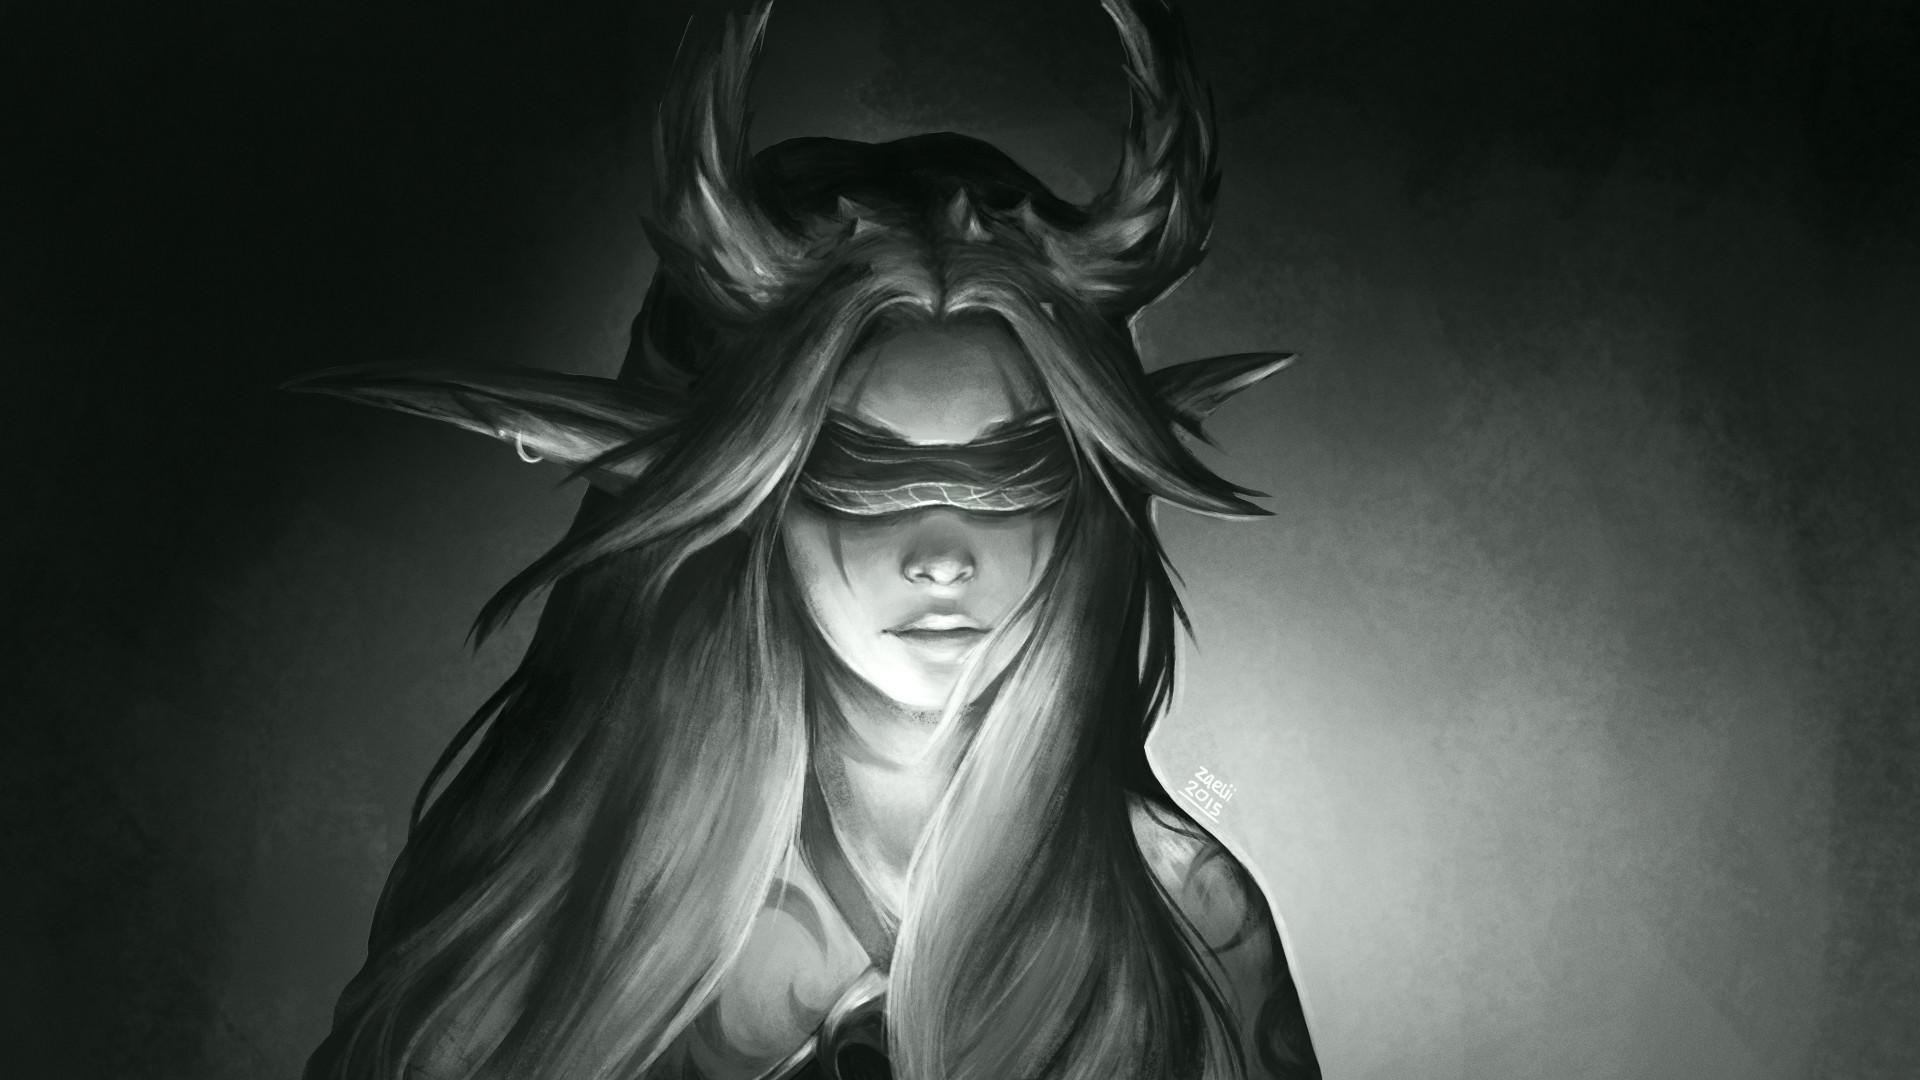 Artstation - Demon Hunter Zaelii Art